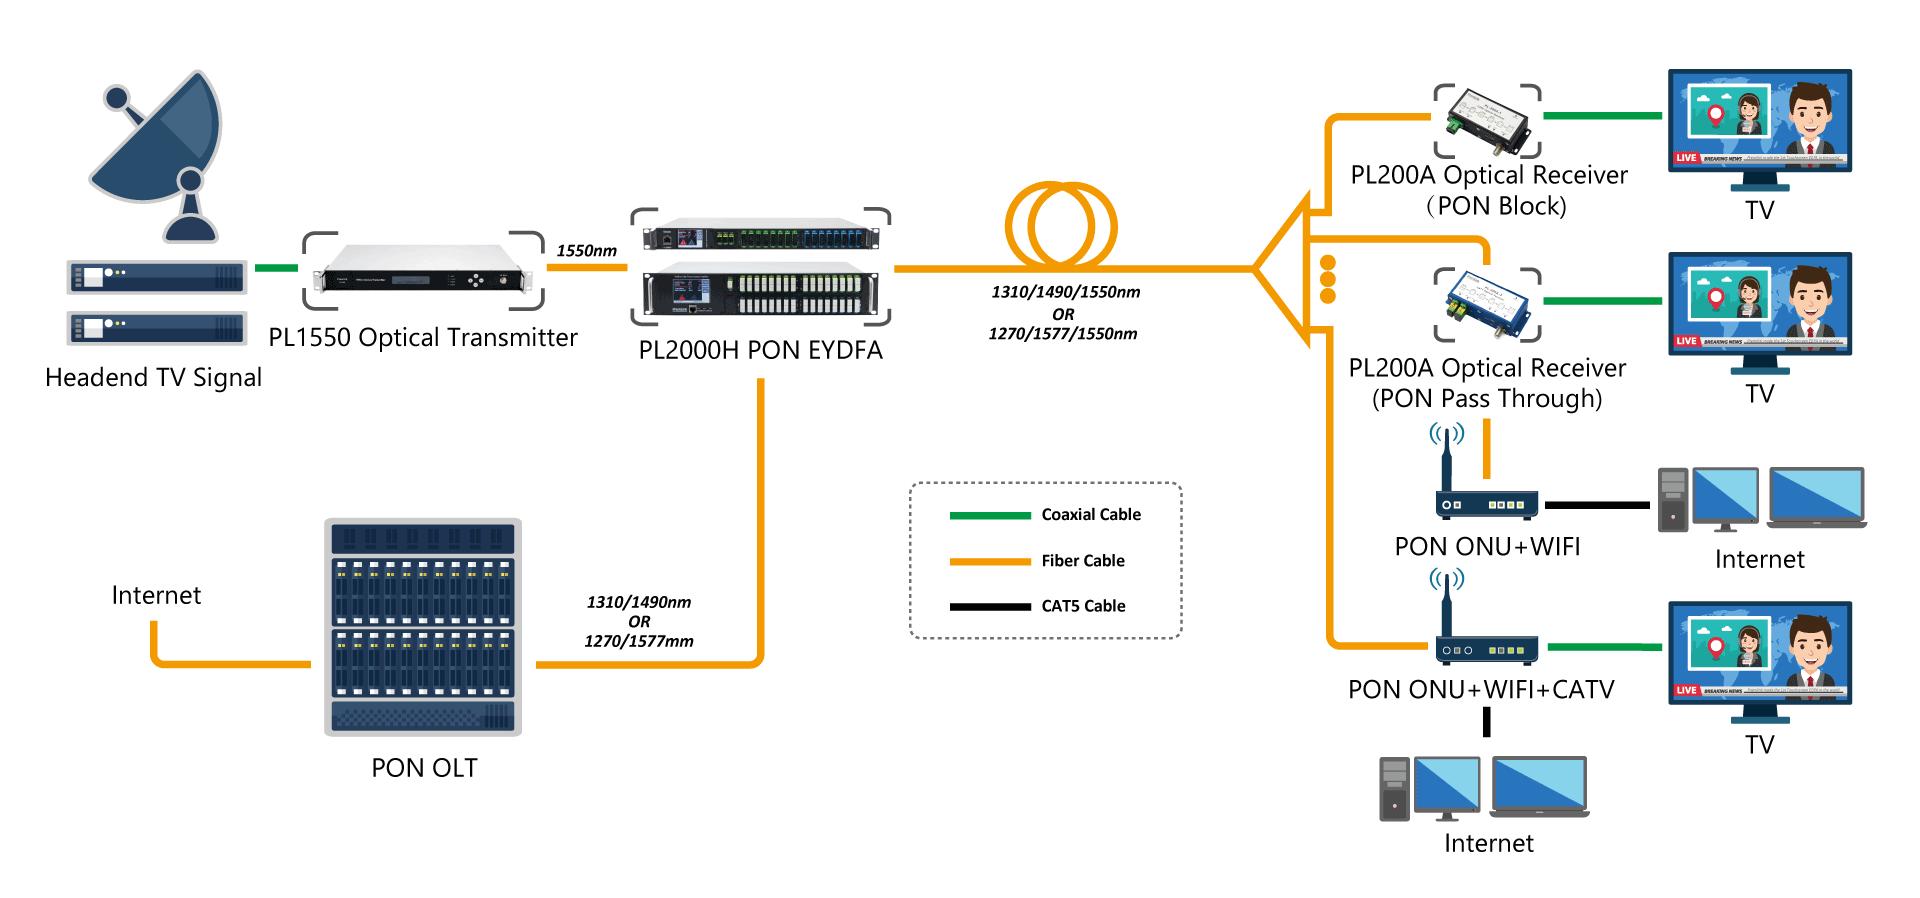 RF overlay on PON, XGS-PON